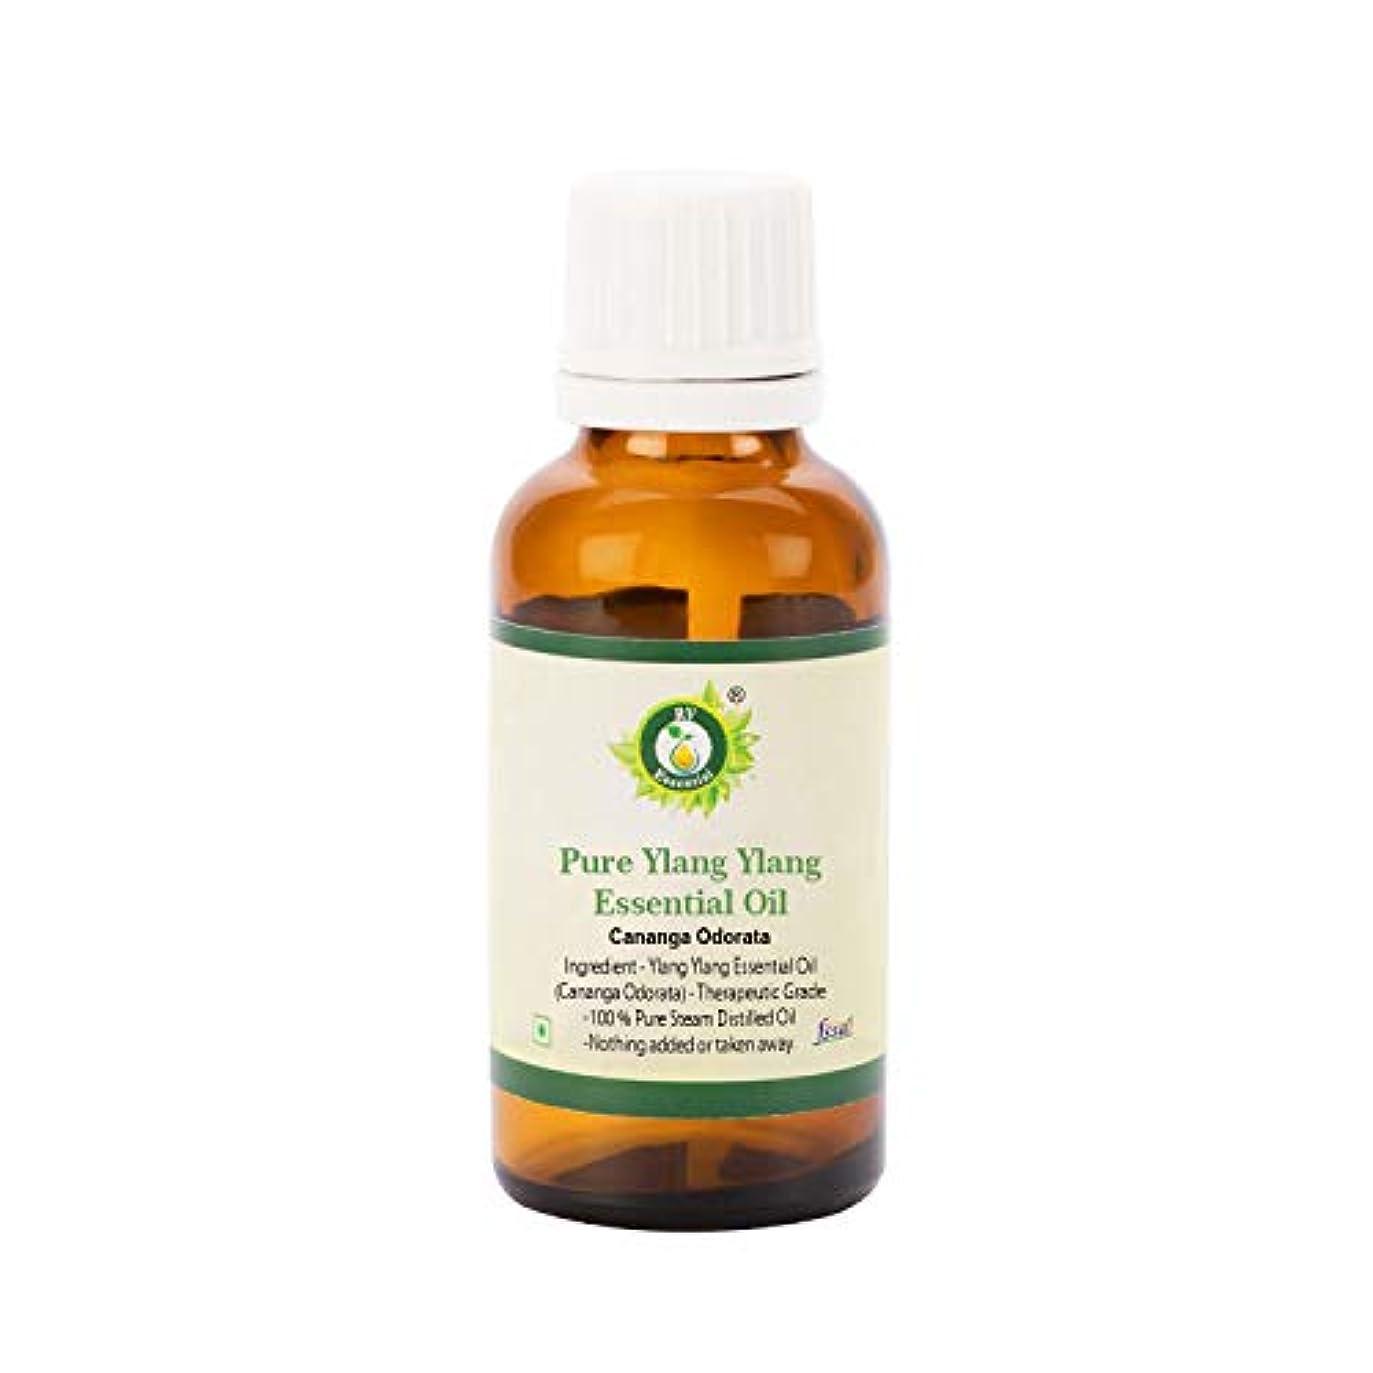 ブリーフケース名目上の引き金R V Essential ピュアイランイランエッセンシャルオイル10ml (0.338oz)- Cananga Odorata (100%純粋&天然スチームDistilled) Pure Ylang Ylang Essential...